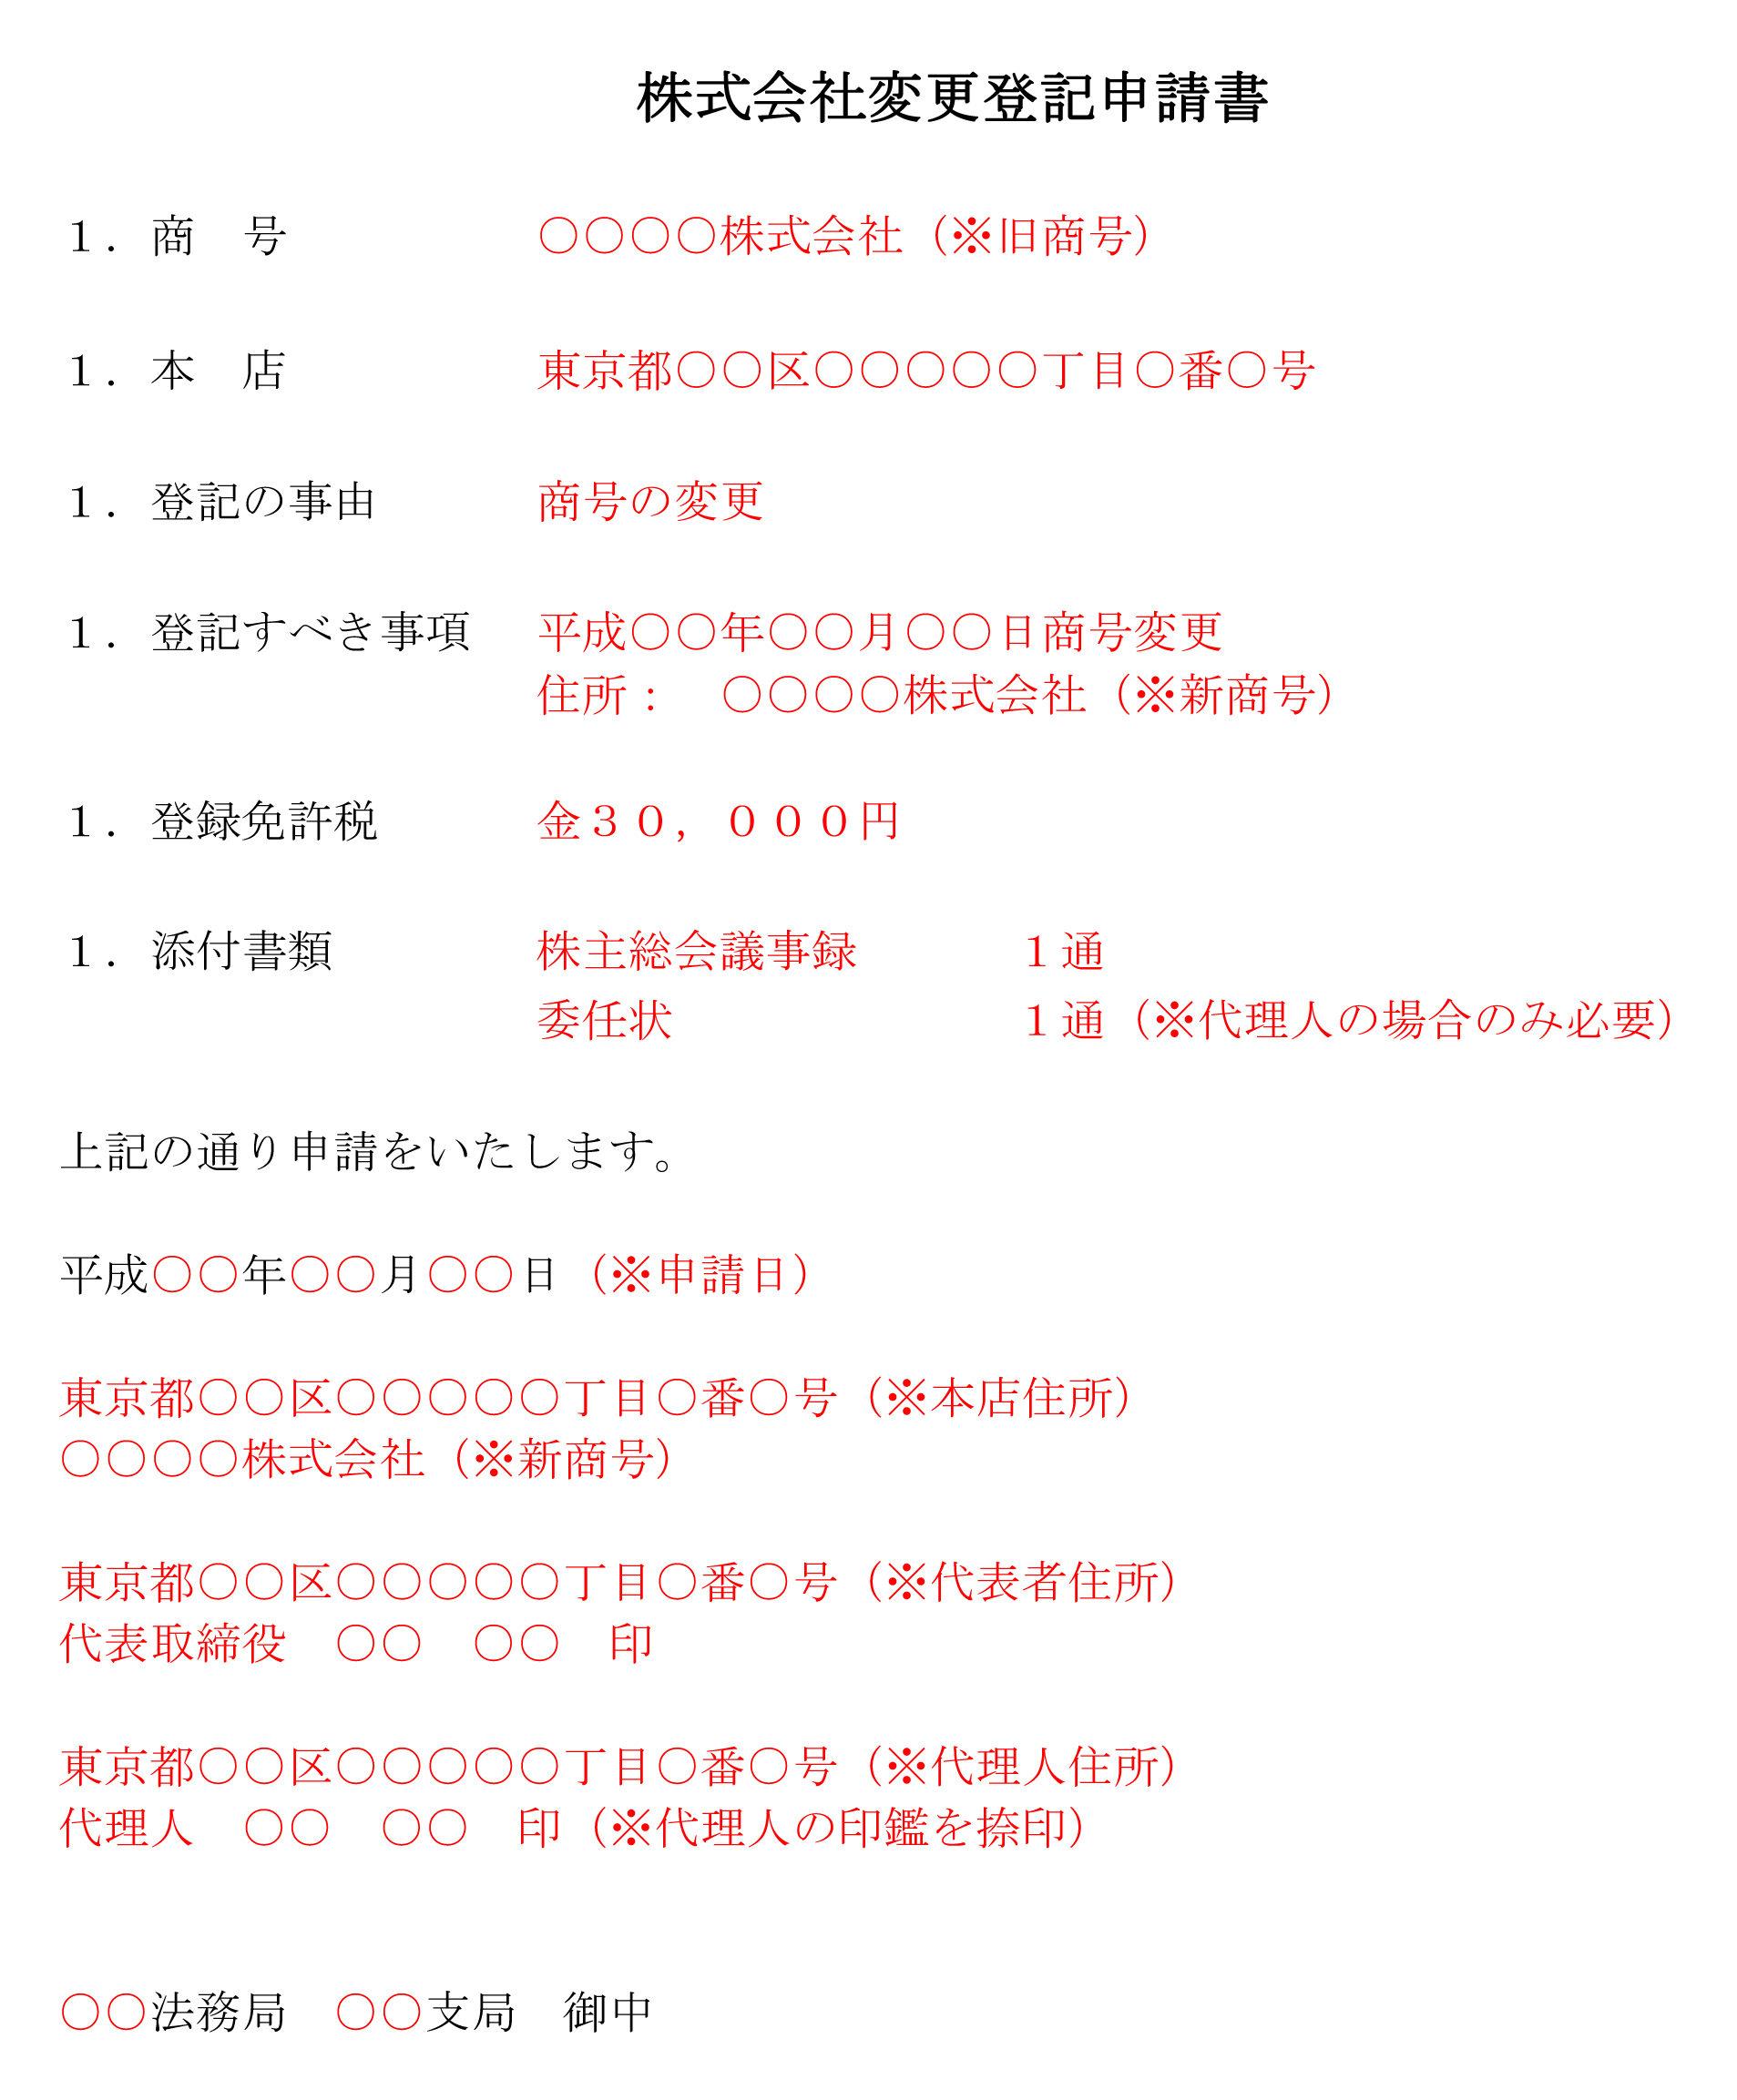 登記申請書(商号変更)01